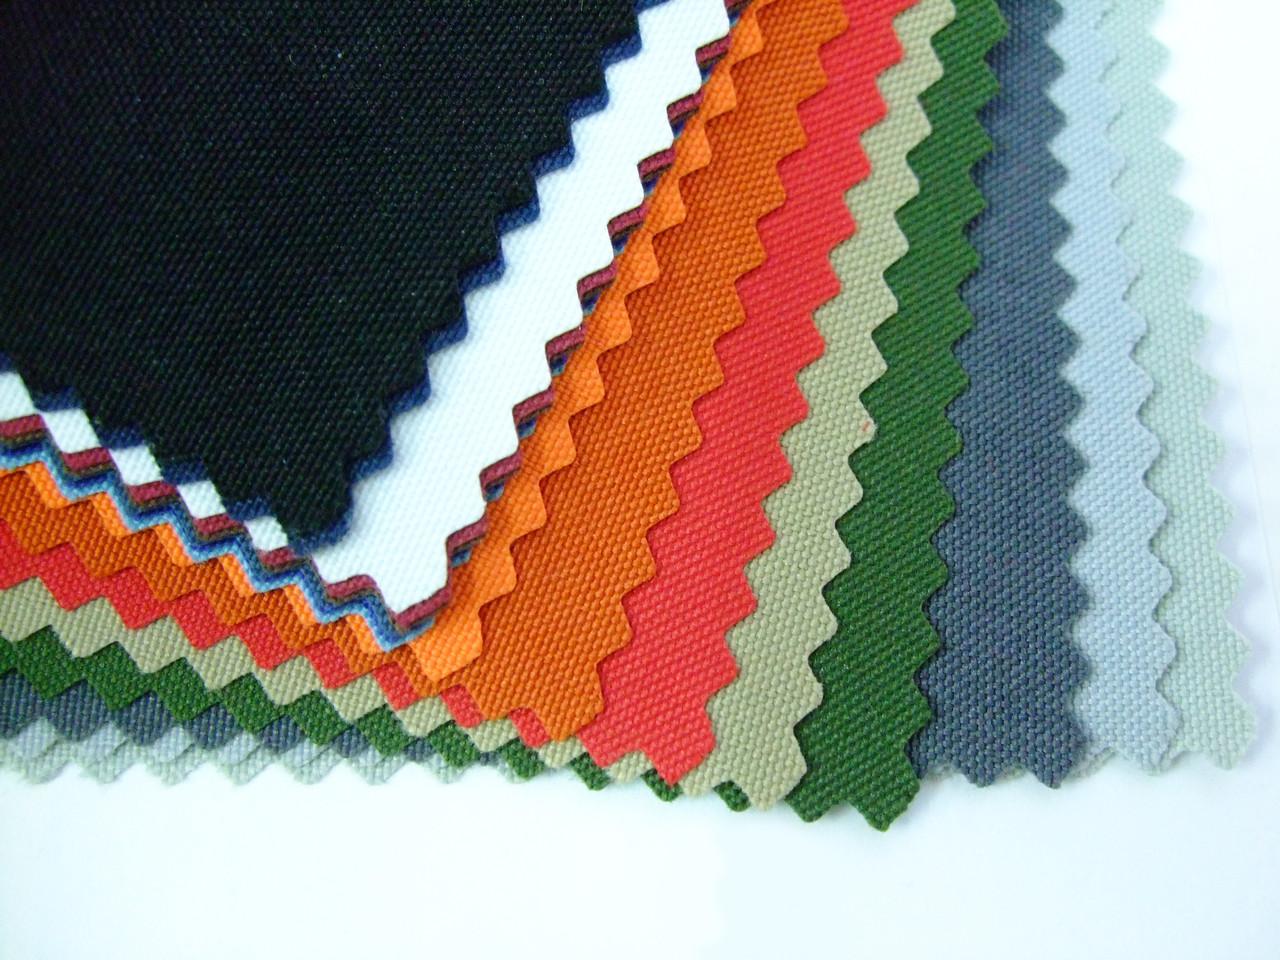 Ткань сумочная оксфорд 610Д ПВХ (300Д)